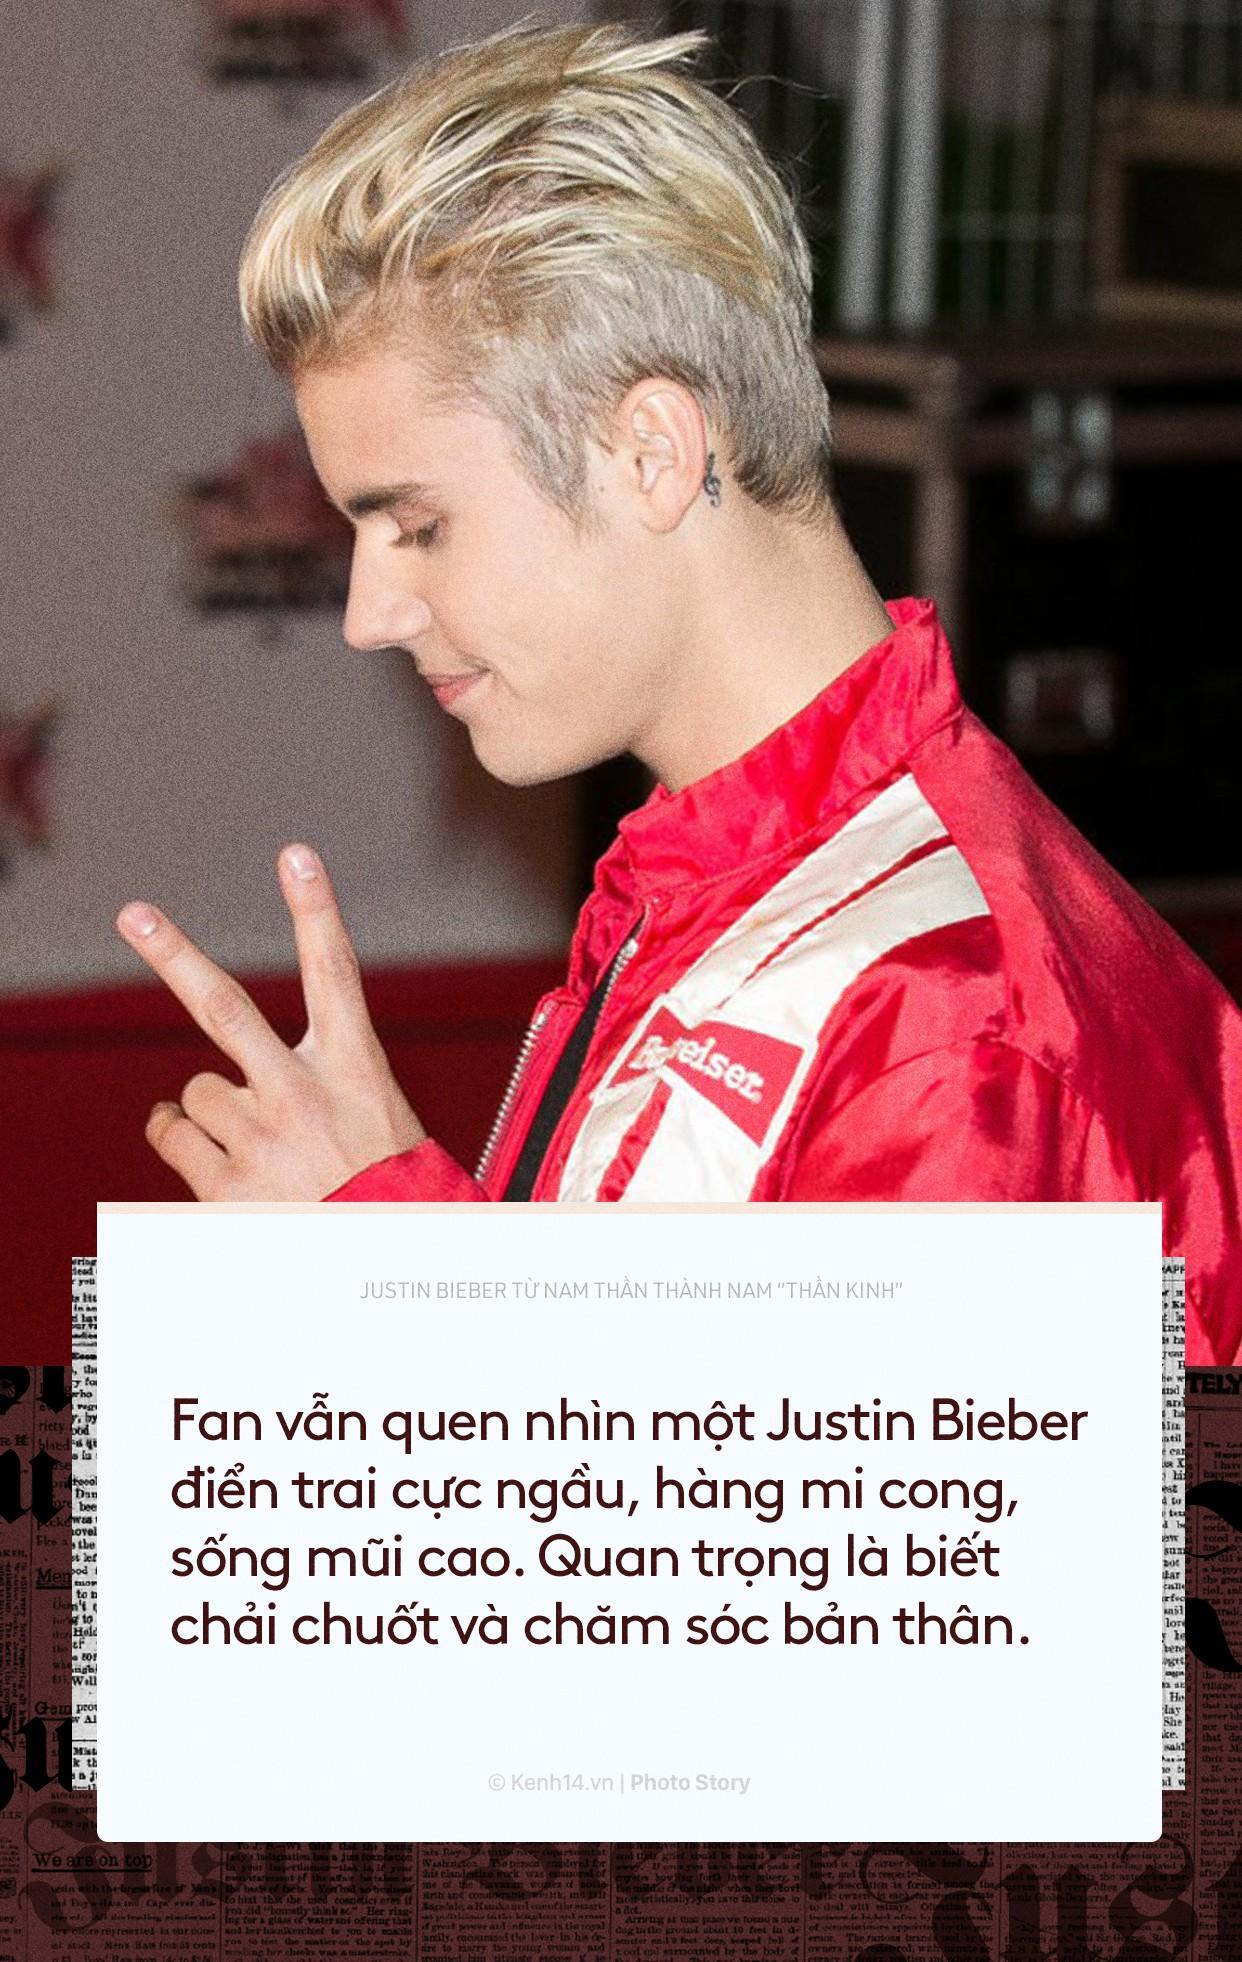 Nếu có ước muốn cho cuộc đời này, hãy nhớ ước muốn cho Justin Bieber đẹp trai trở lại - Ảnh 3.